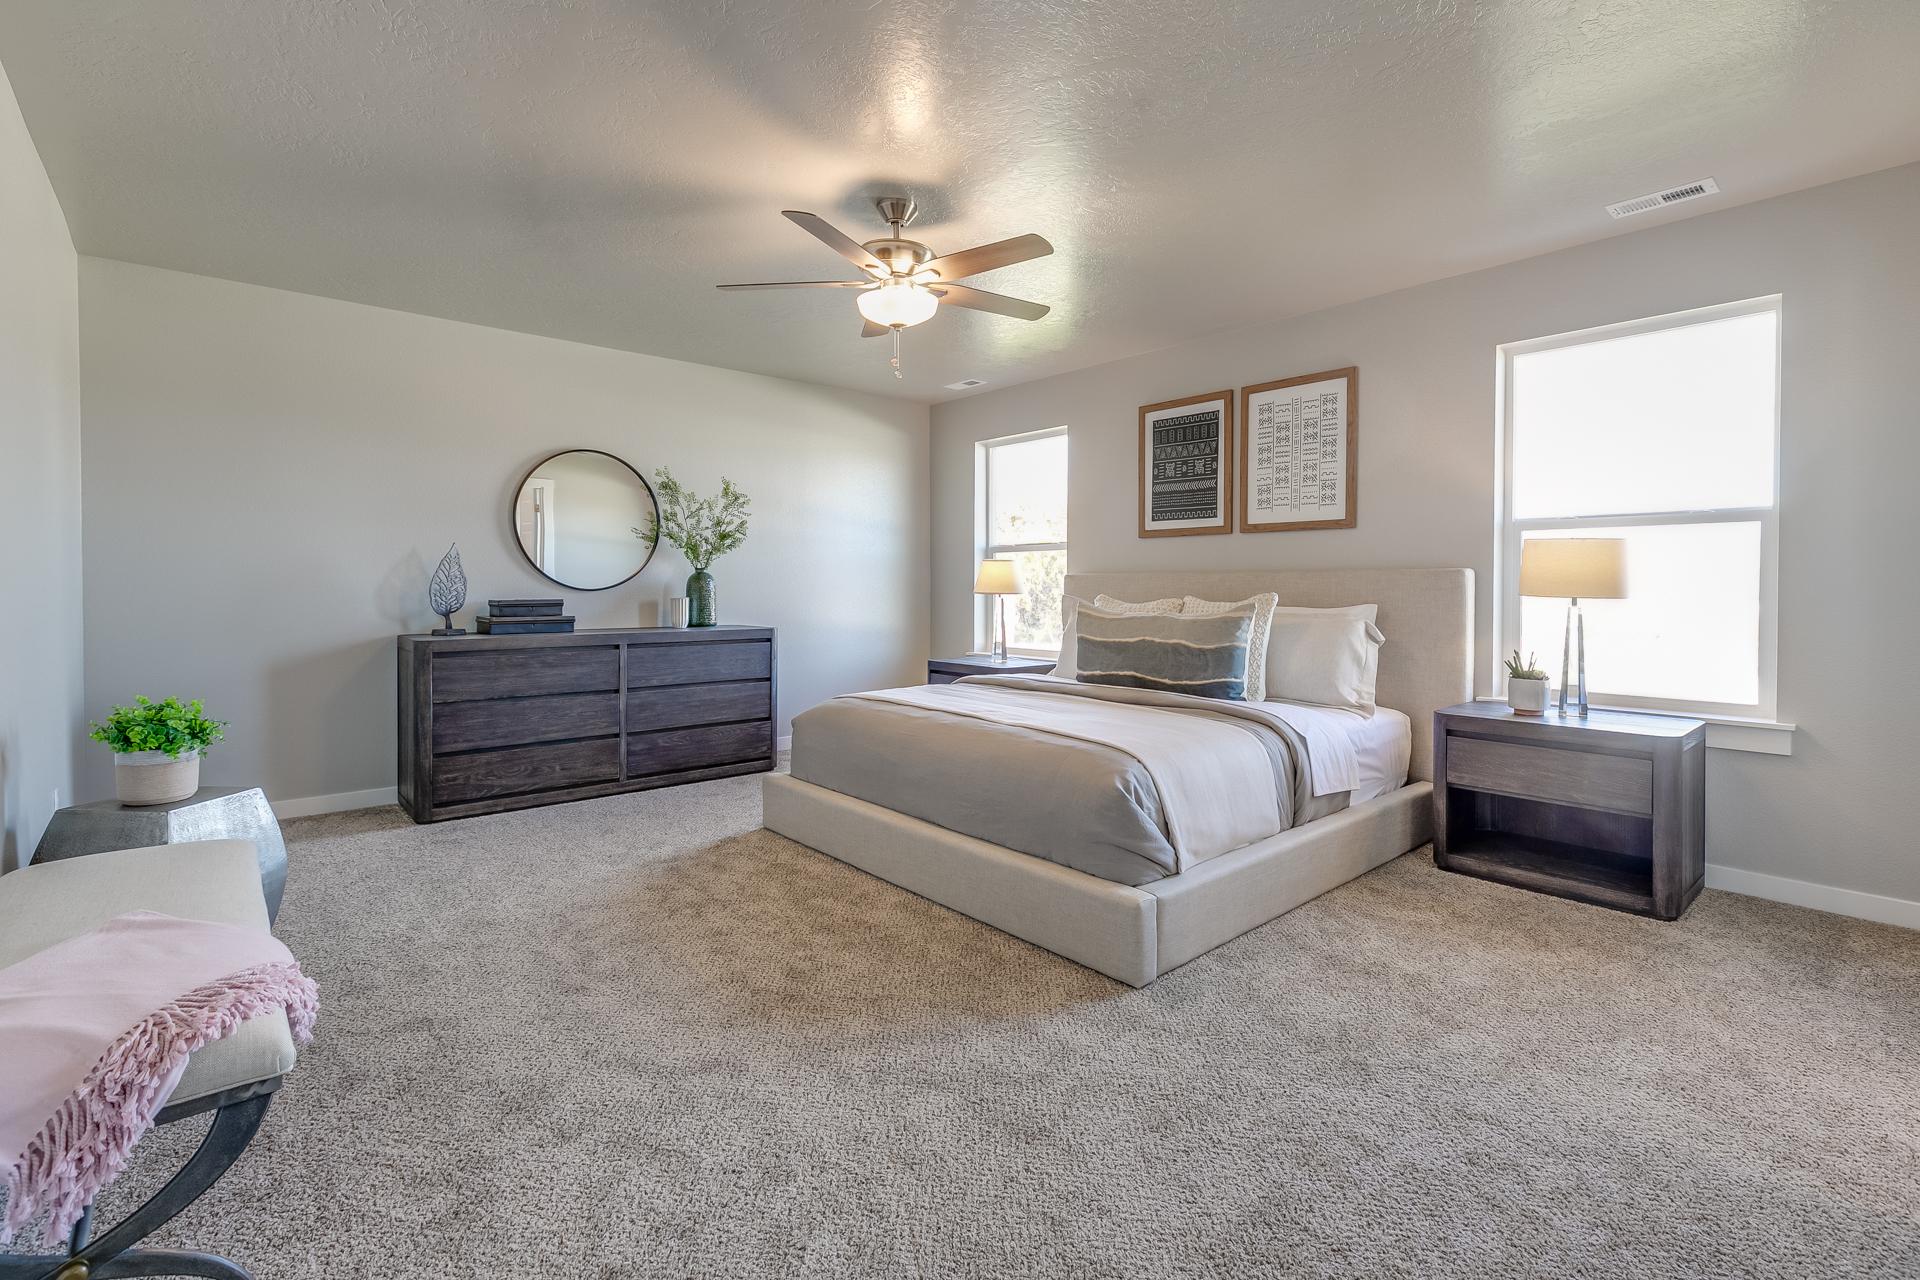 CBH Homes_Restoration Hardware_Homebuilder_Boise_New Homes Boise_RH